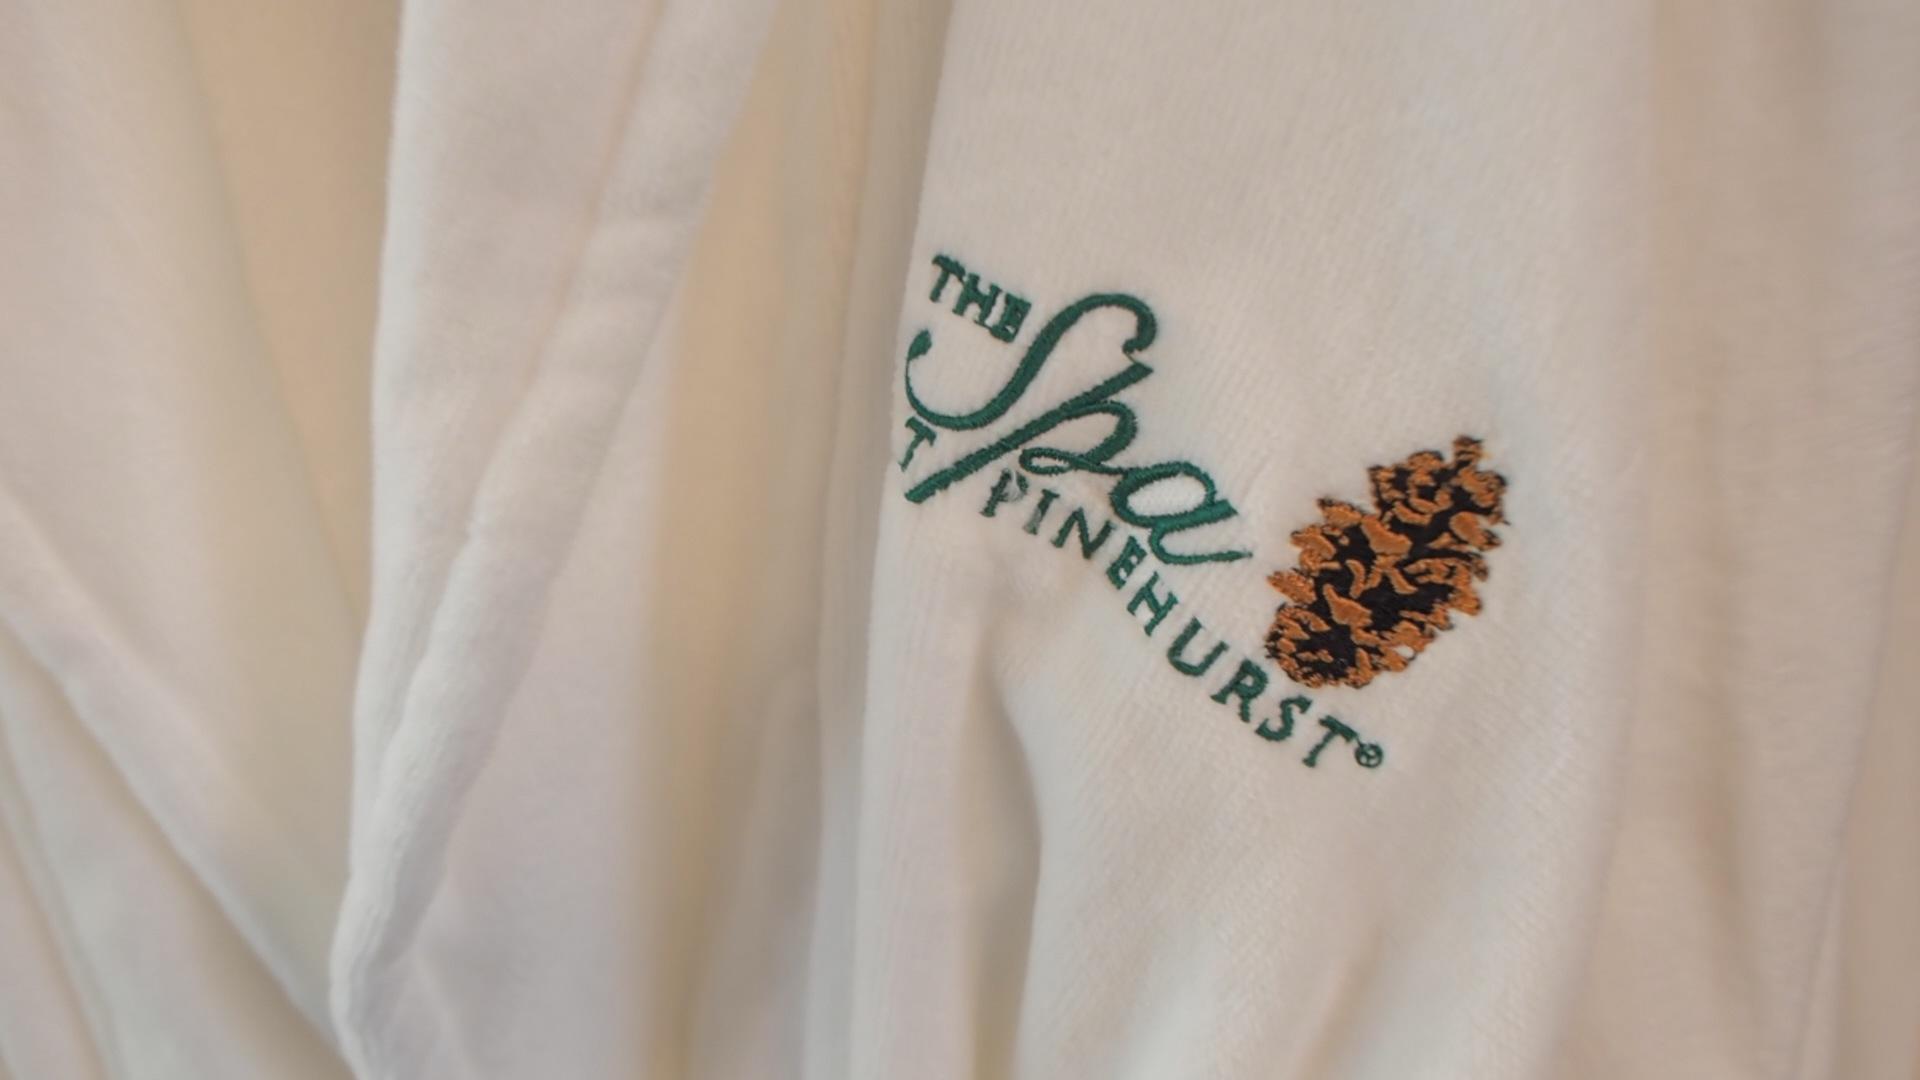 The Spa At Pinehurst Robe.jpg